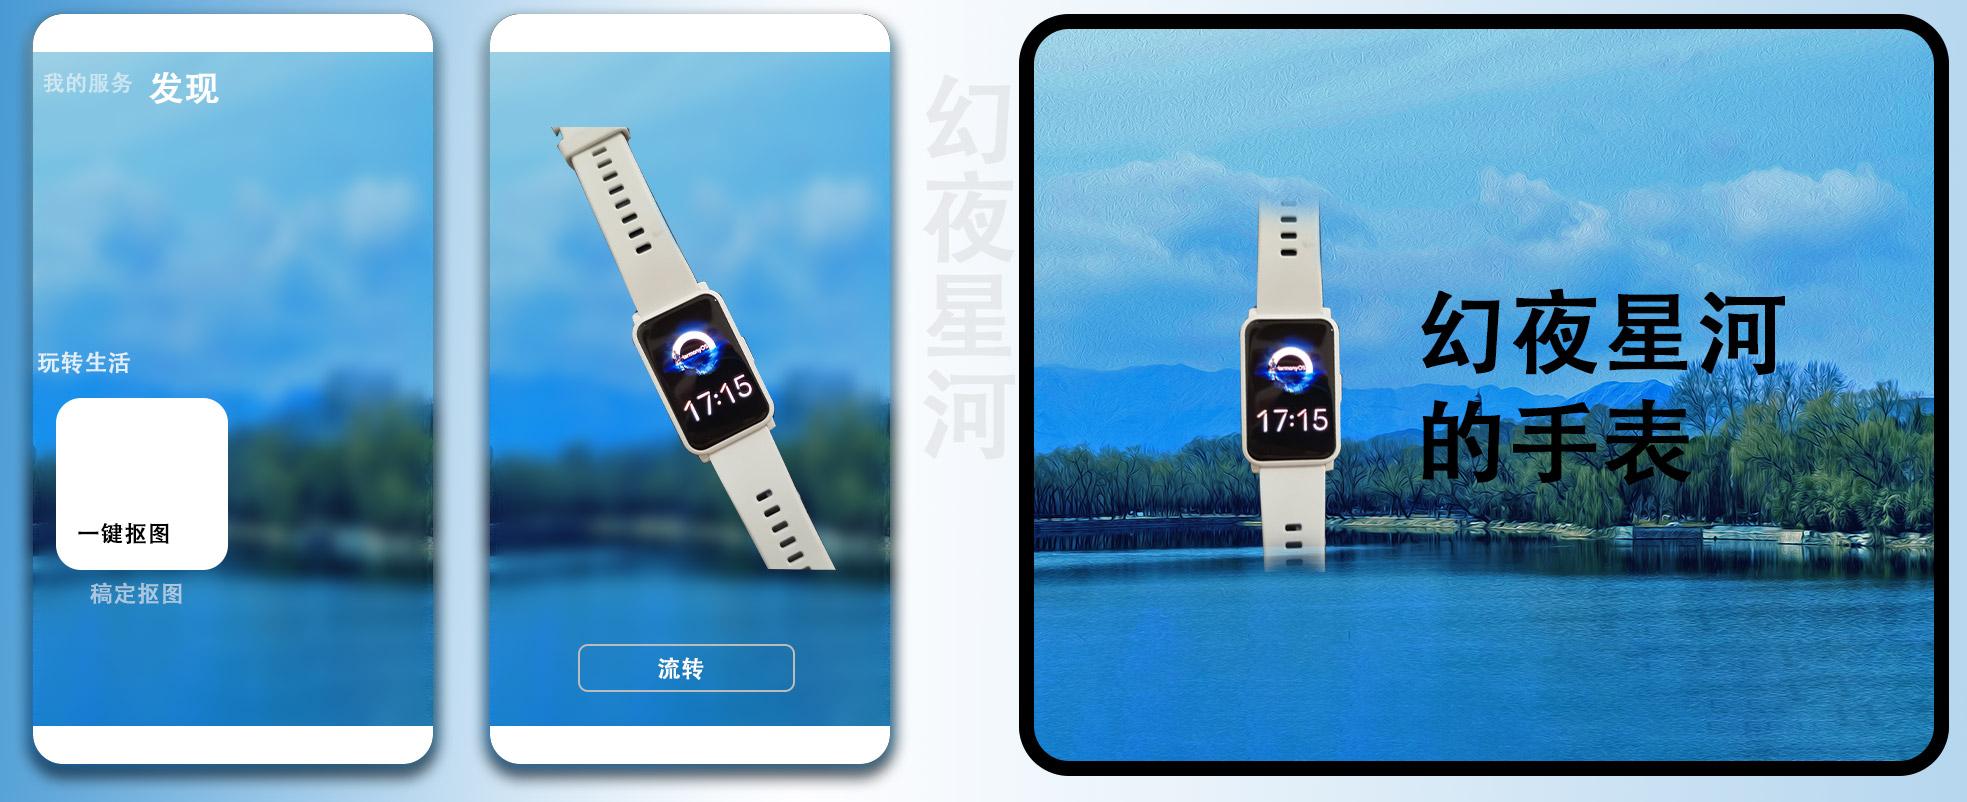 手机平板2.jpg